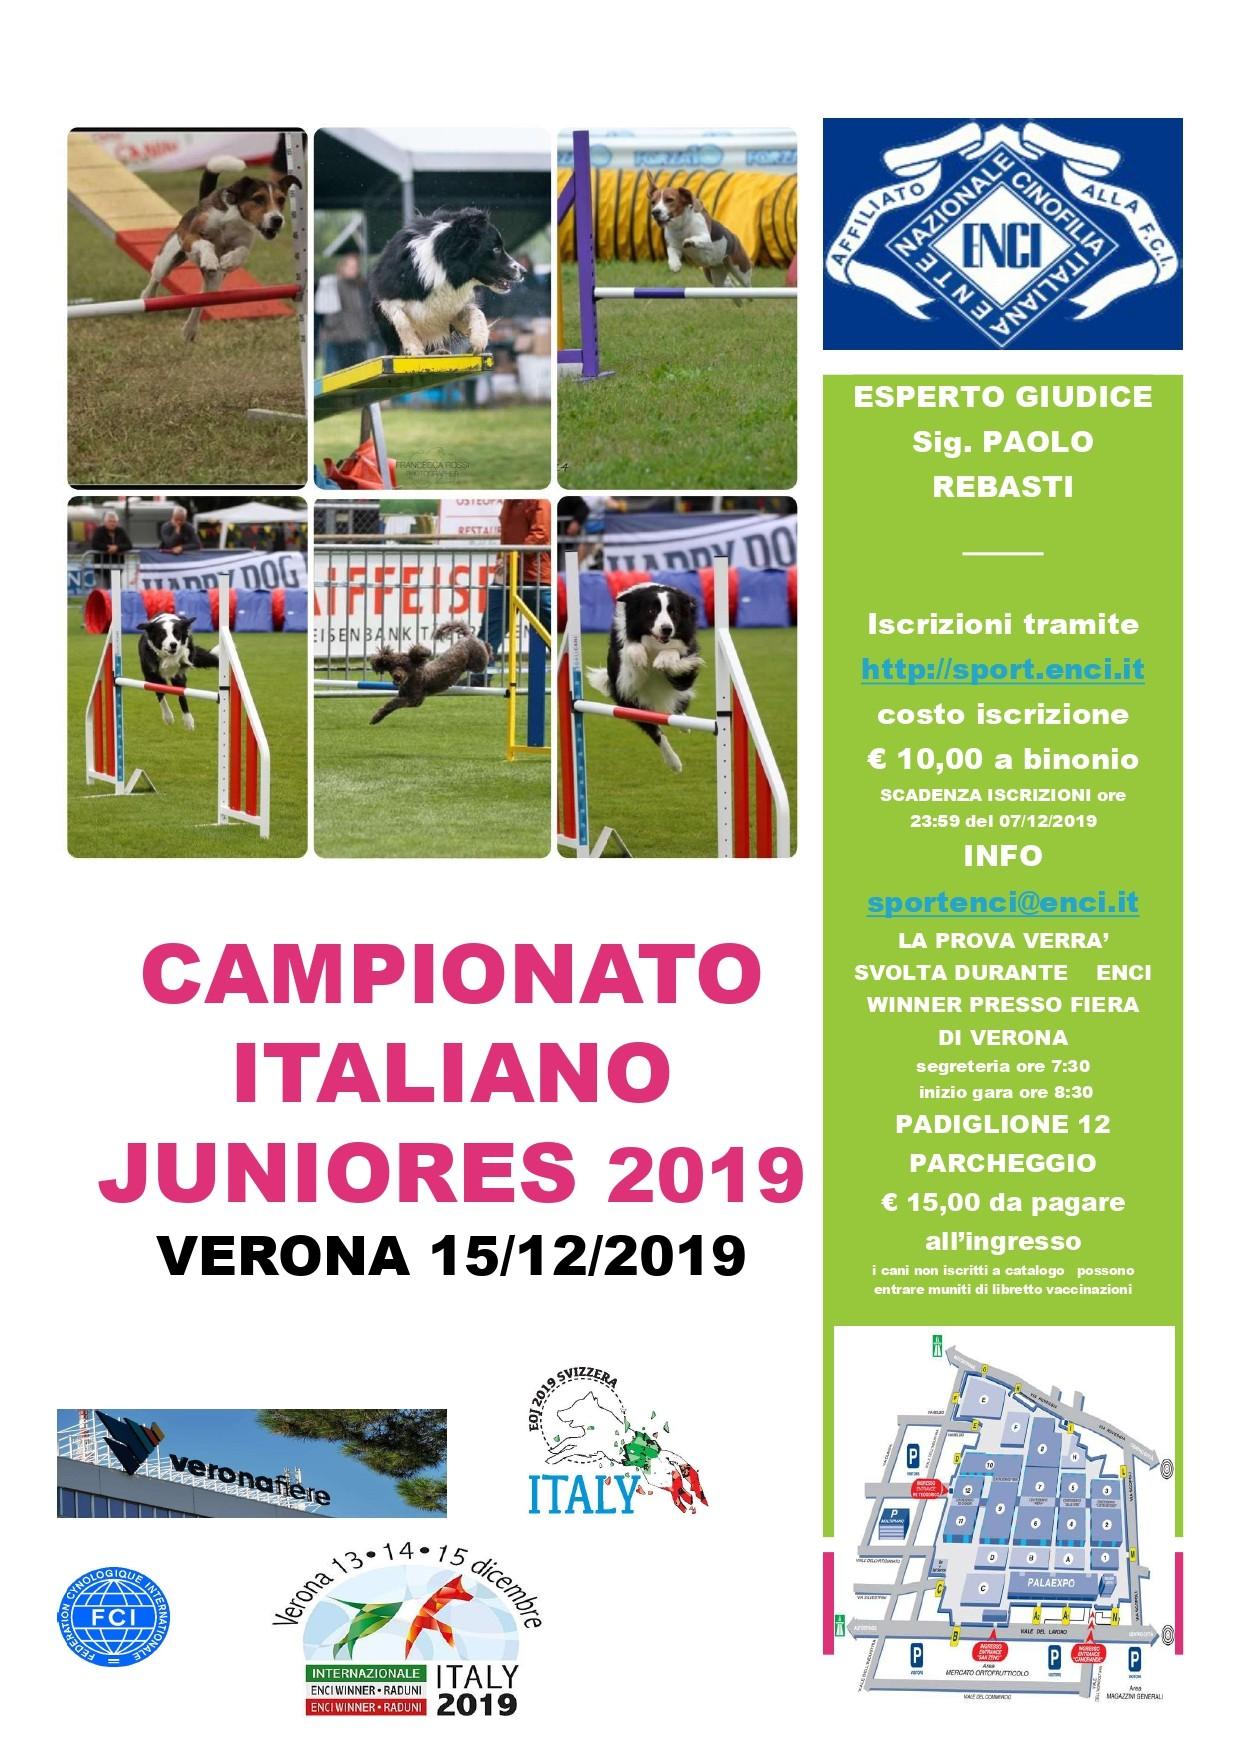 CAMPIONATO ITALIANO JUNIORES 2019 UNDER 12